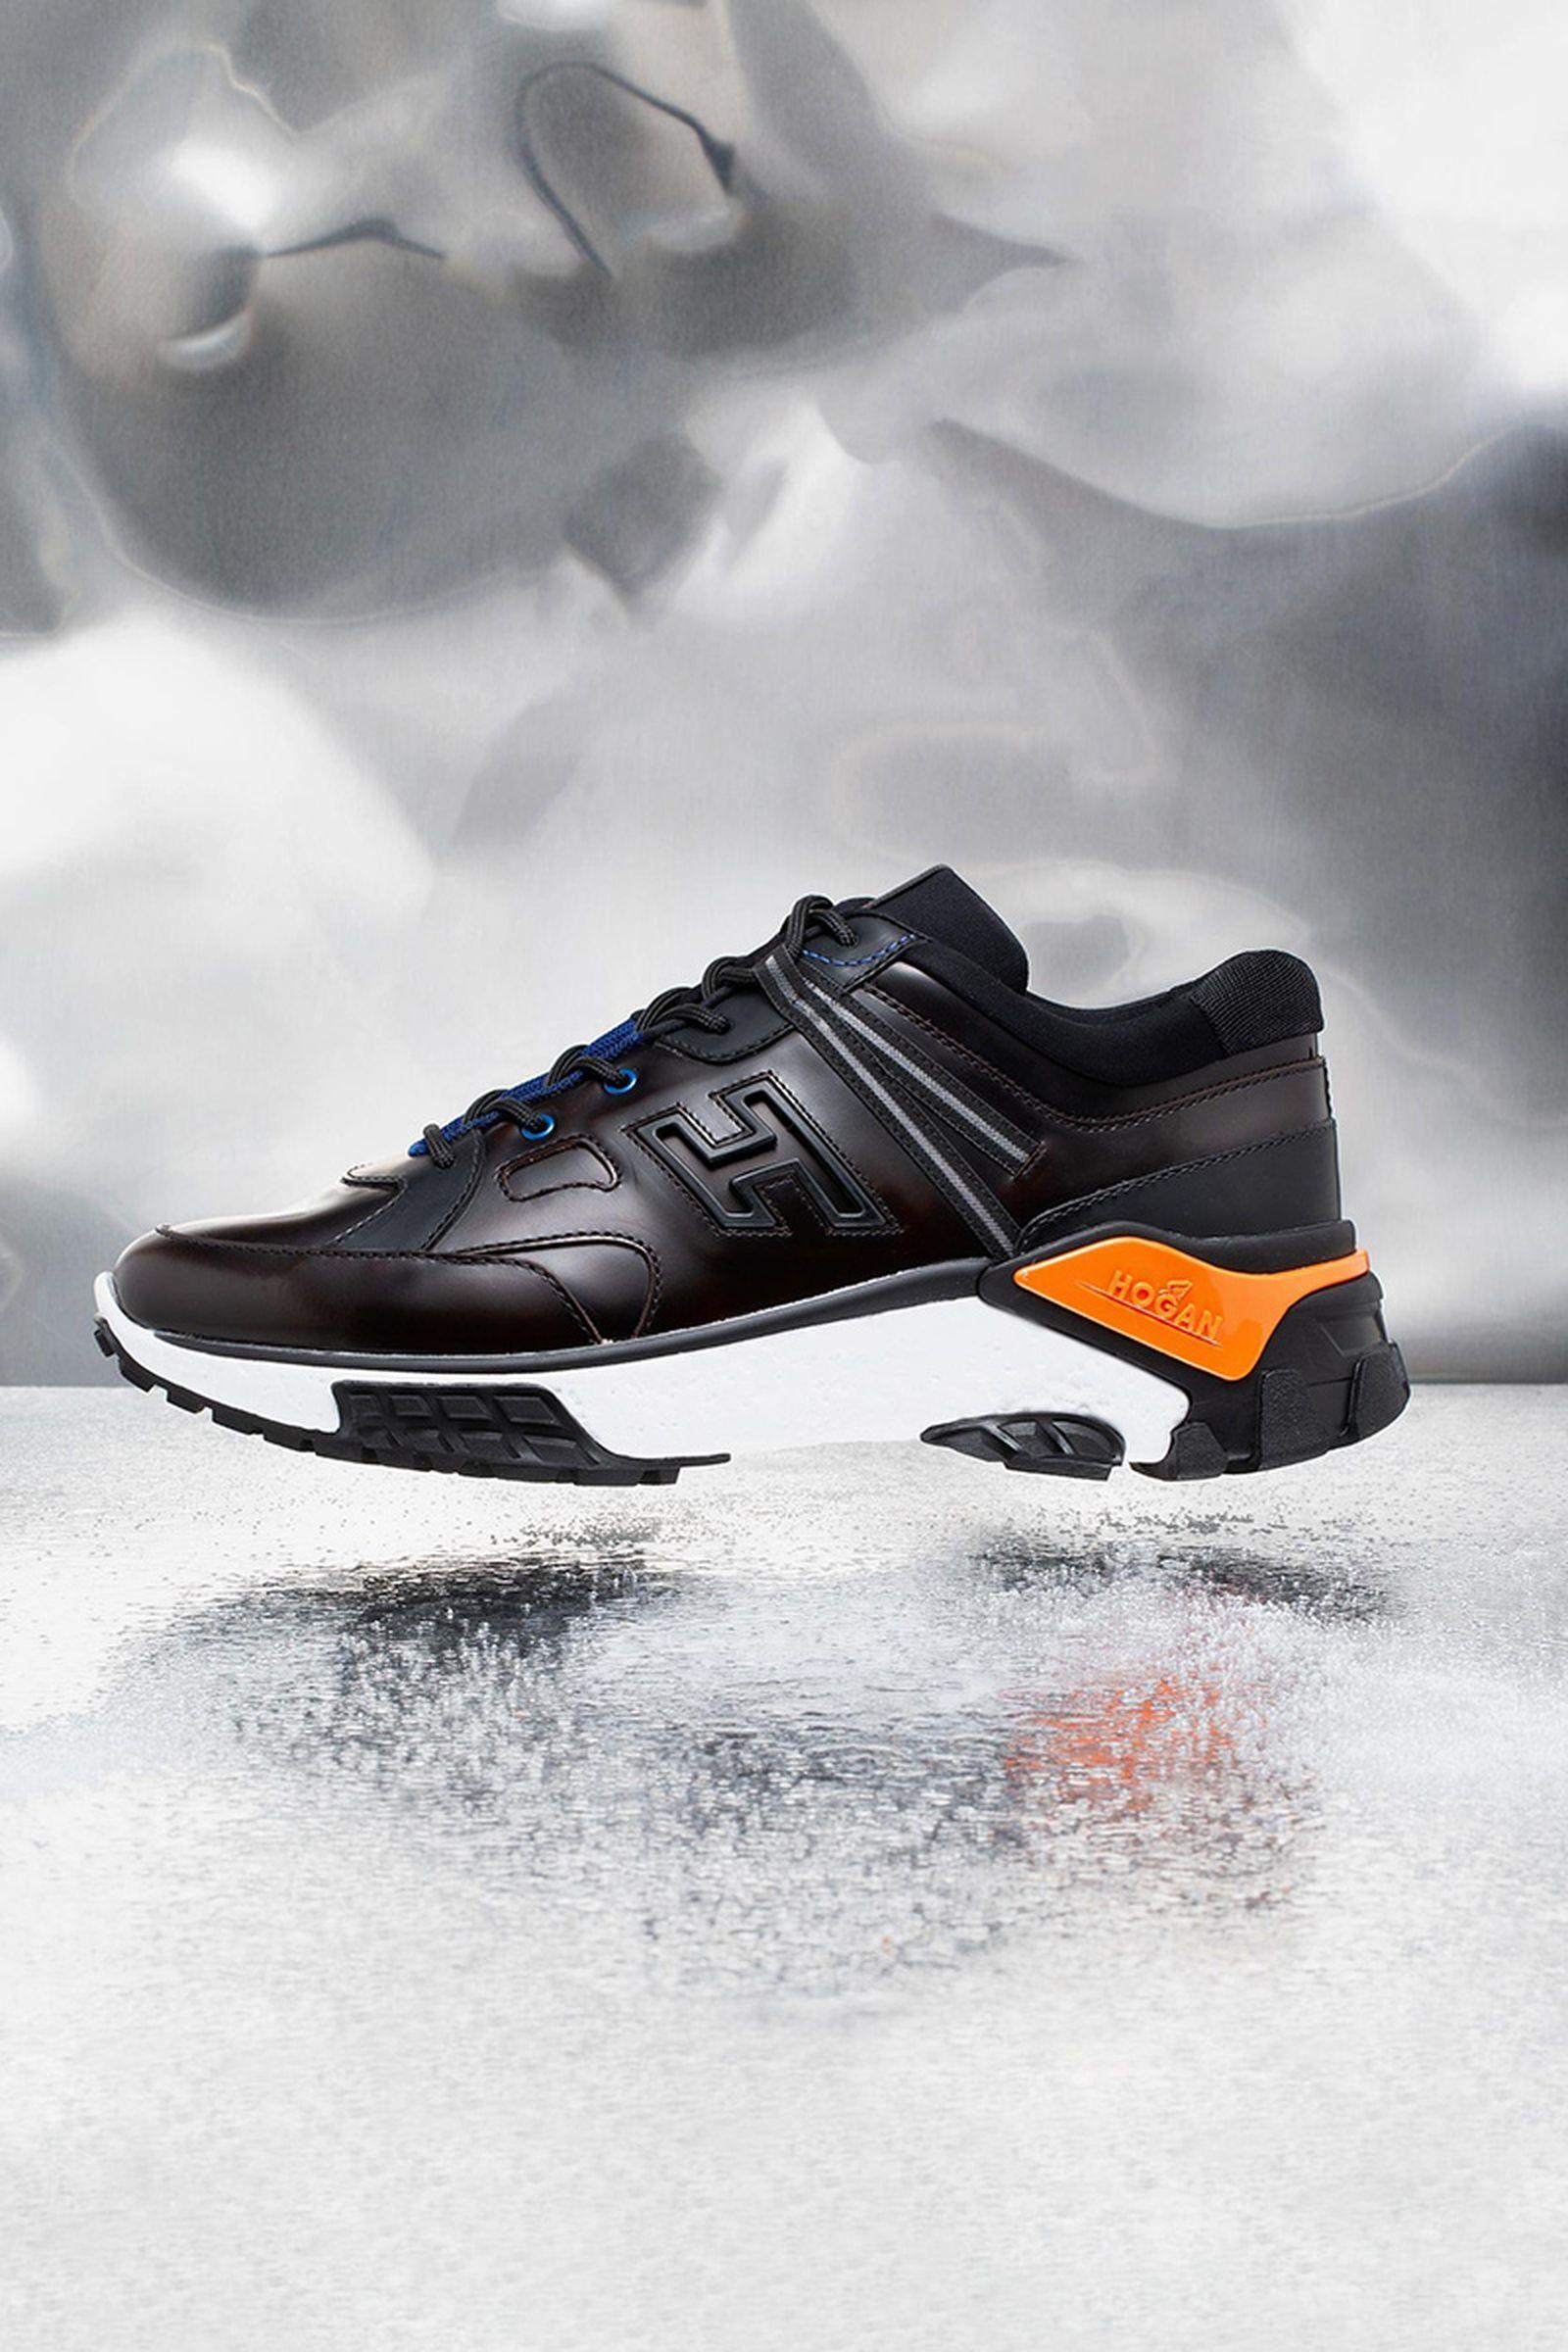 06hogan-sneakers-luxury-fall-winter-2019-